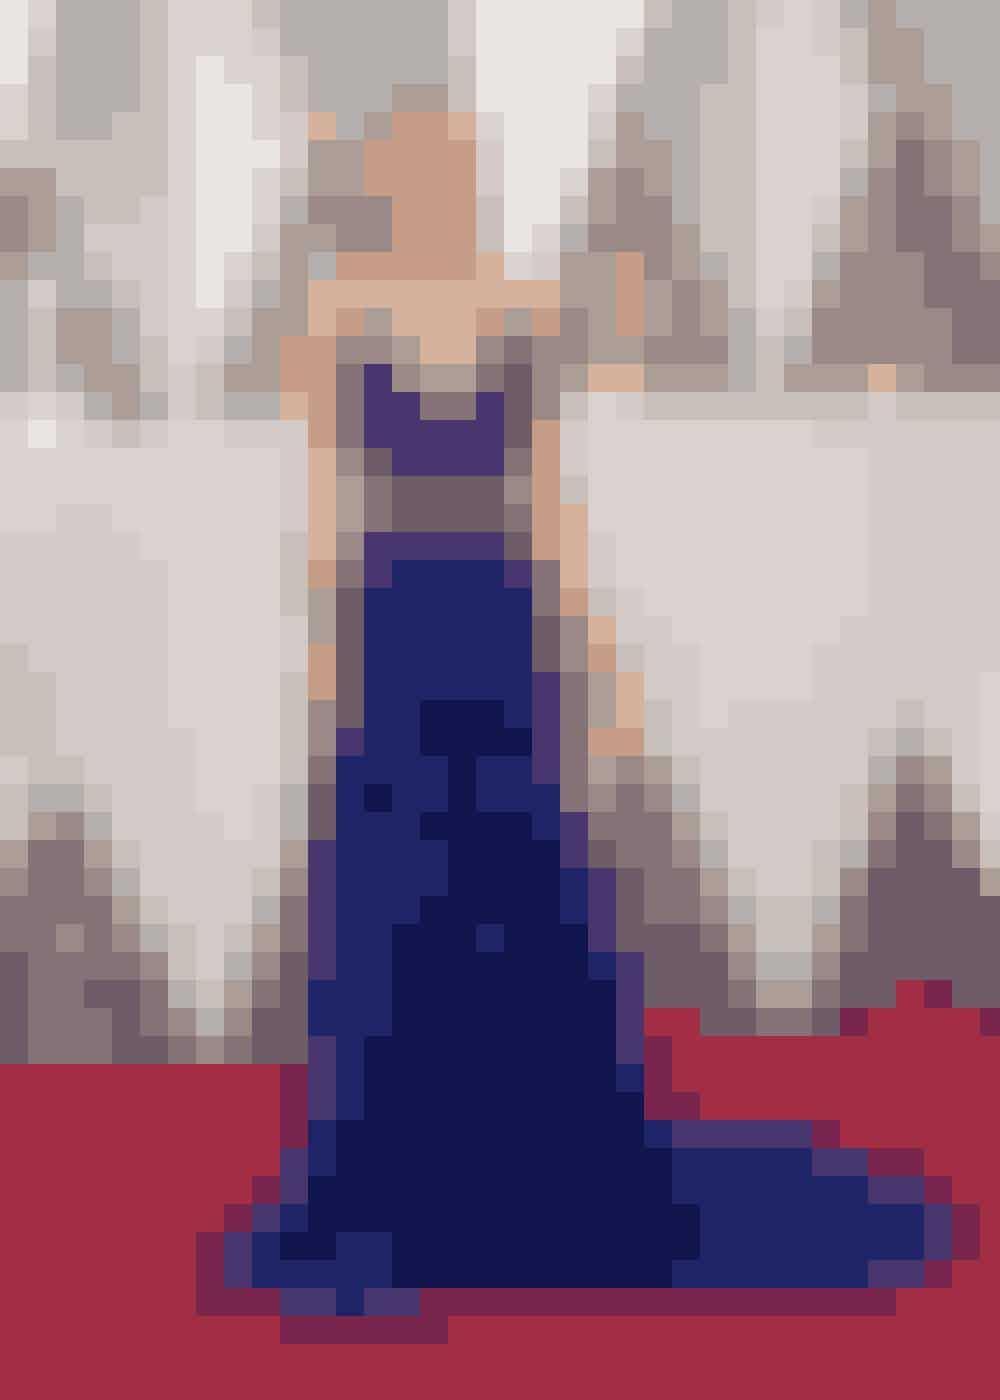 Brie Larson i Gucci. Brie Larson vandt en Oscar for bedste kvindelige hovedrolle i filmen Room.